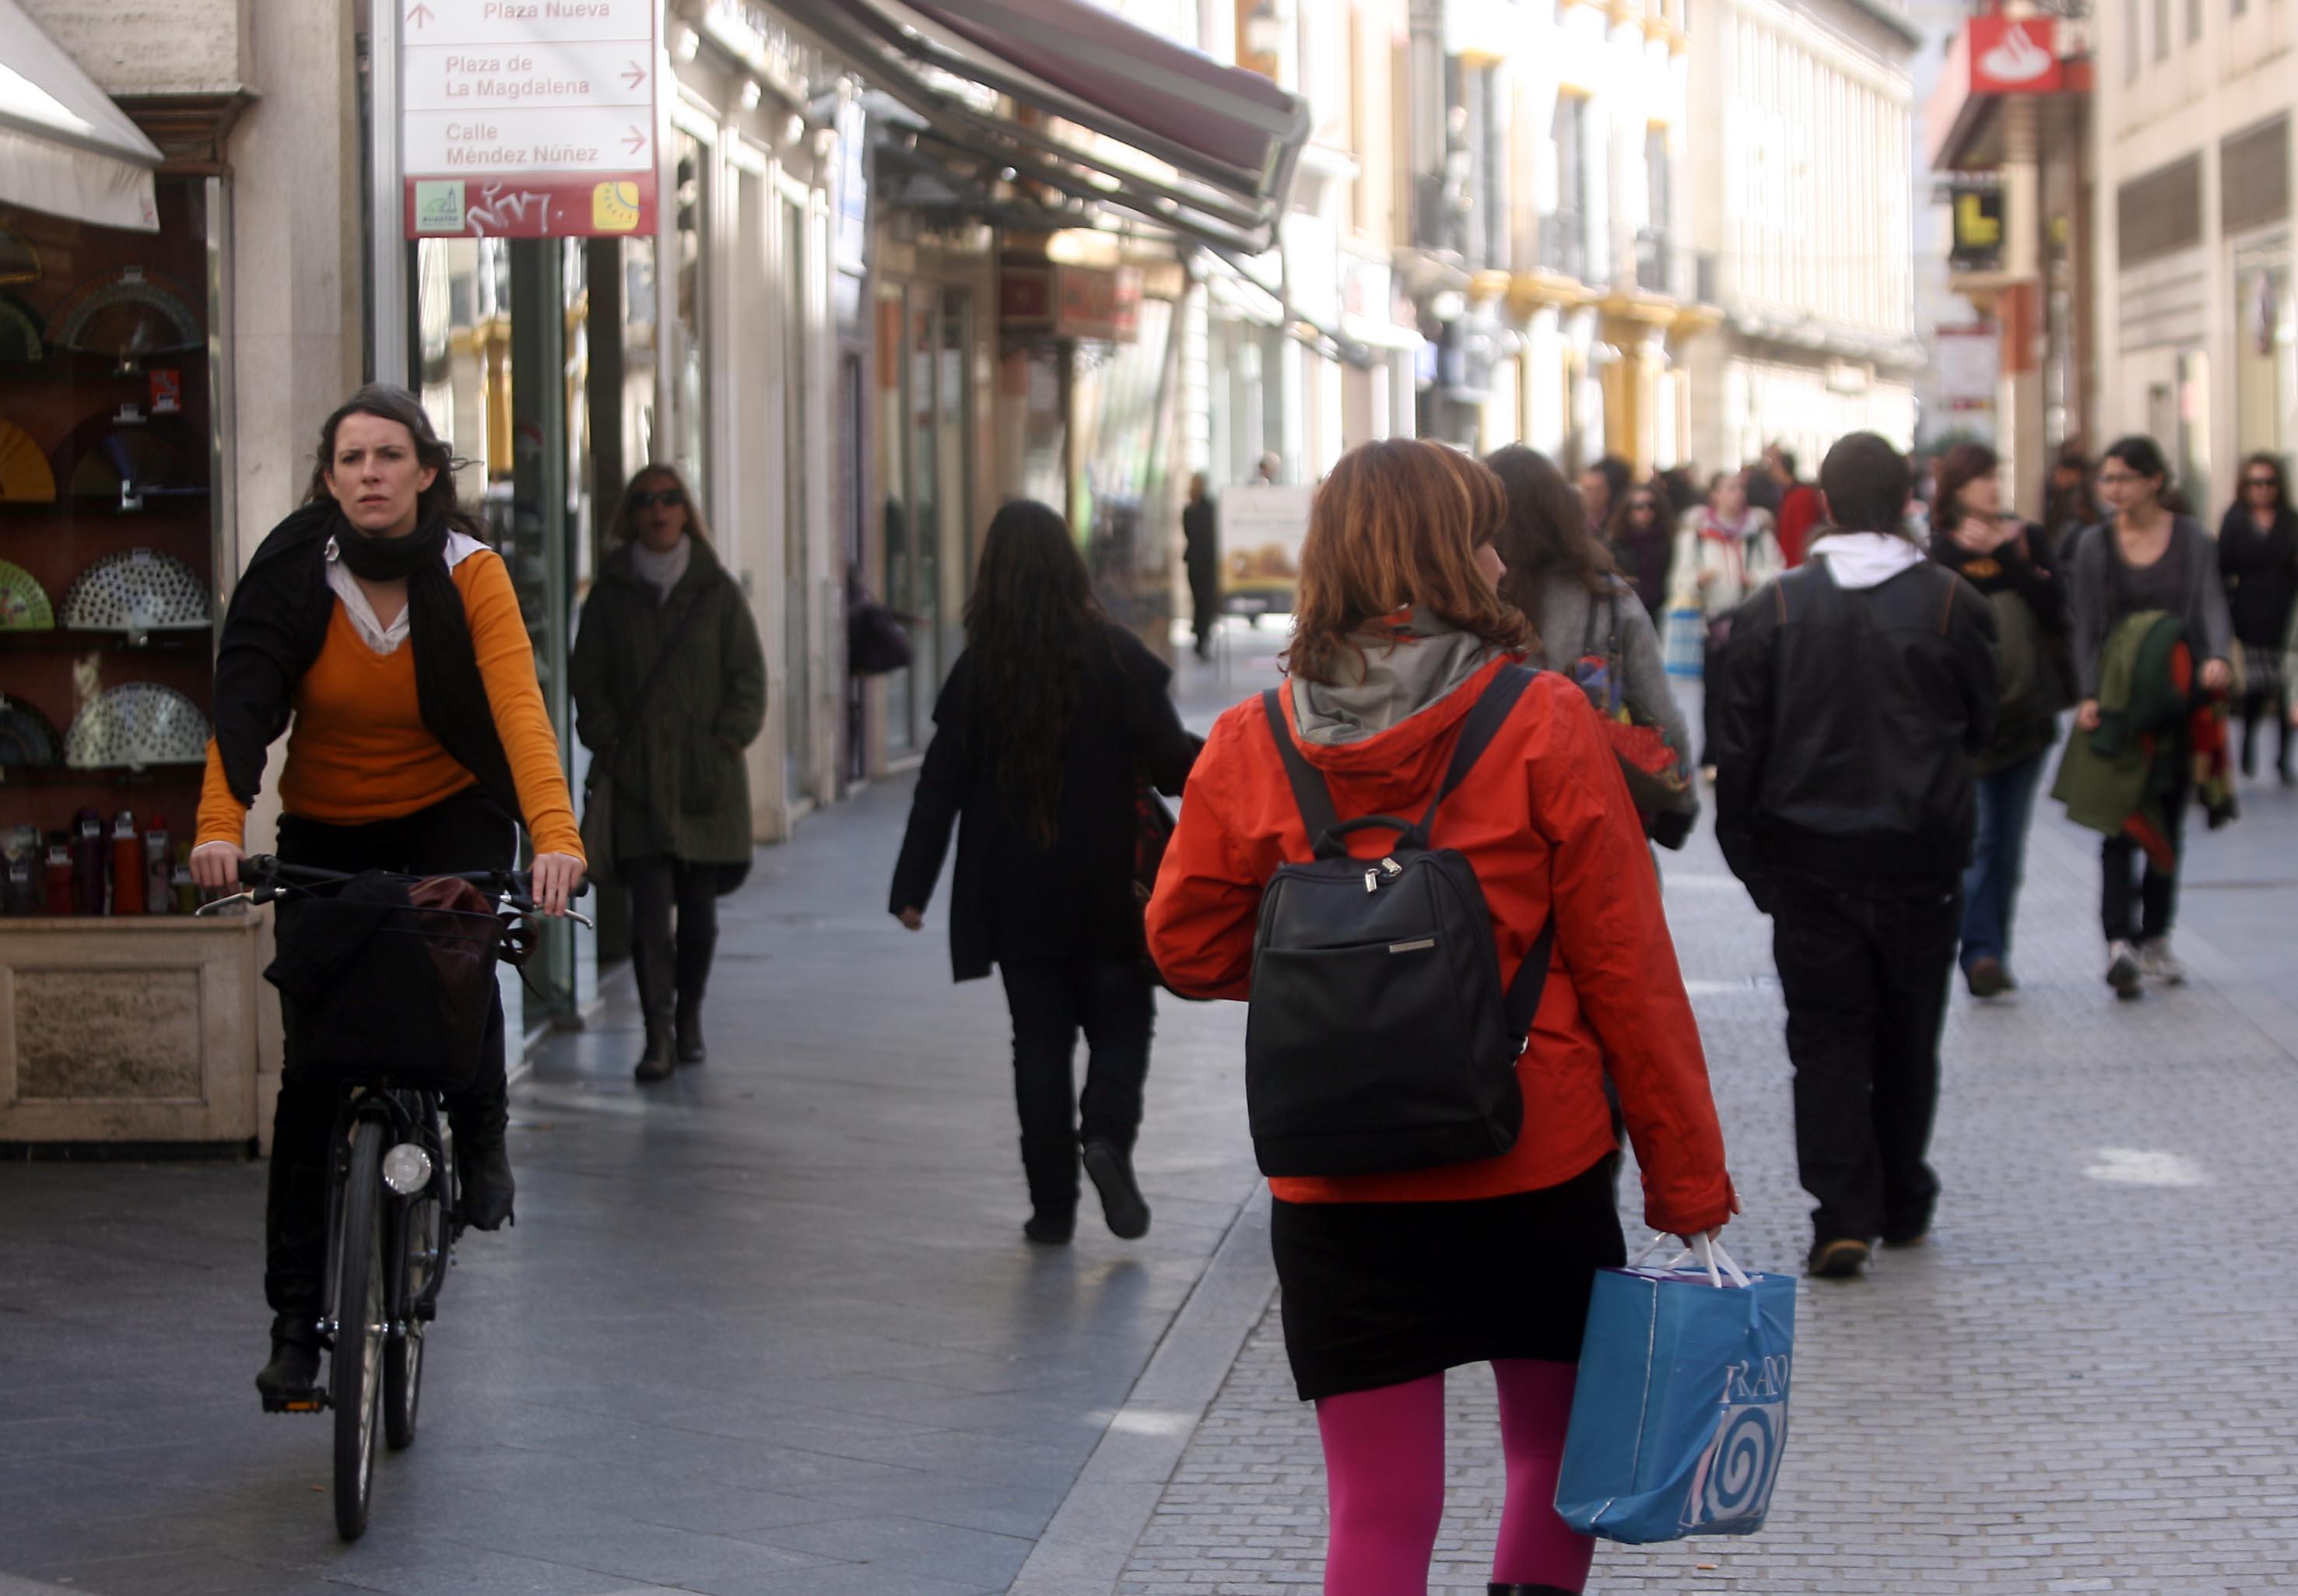 La calle Sierpes, la que tiene los locales comerciales más caros de Sevilla. / Antonio Acedo